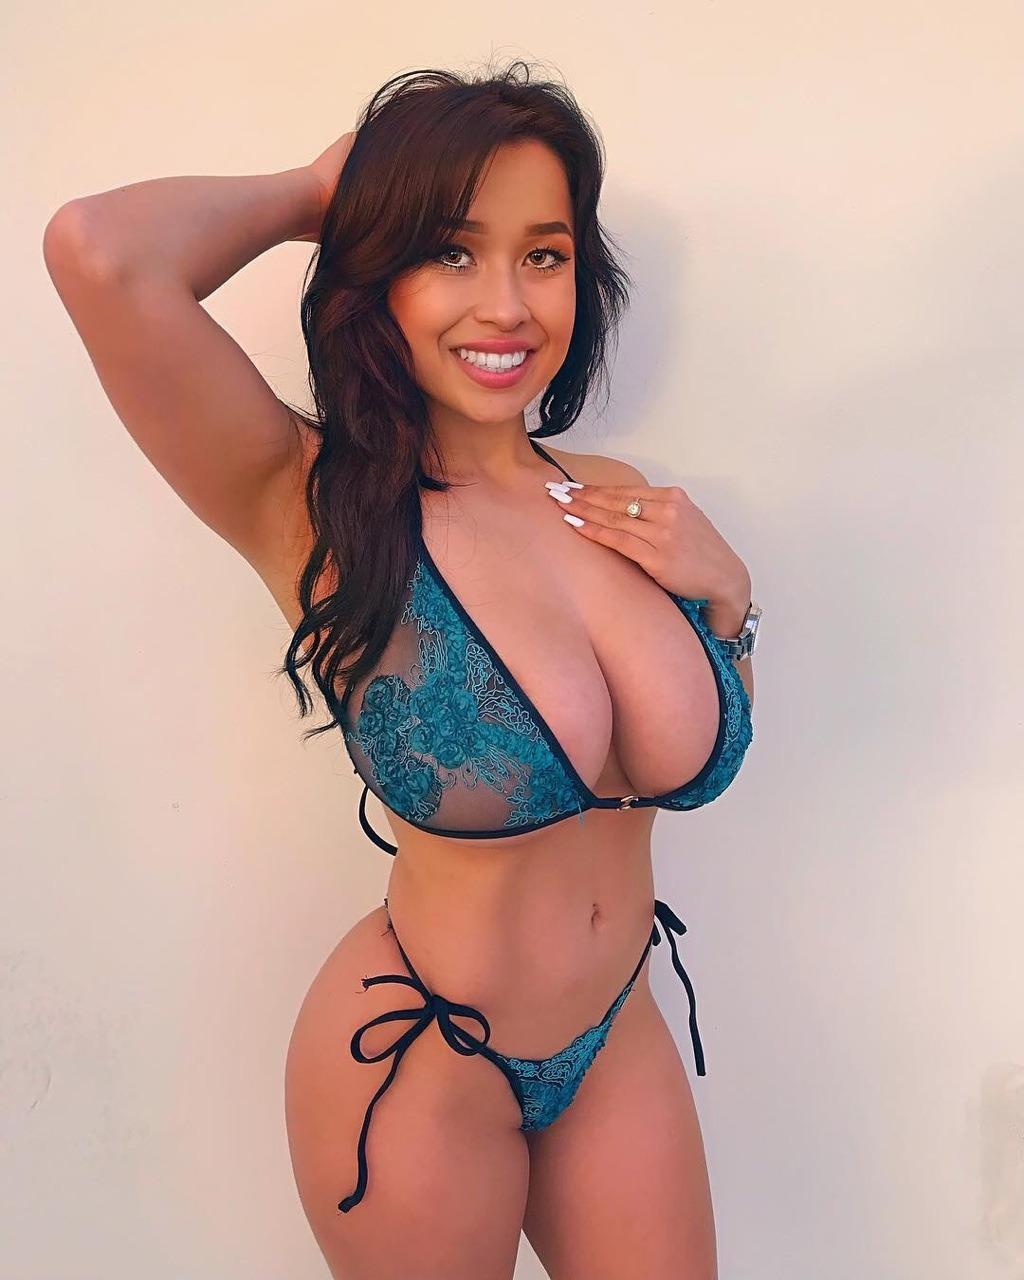 julia nickson soul nude